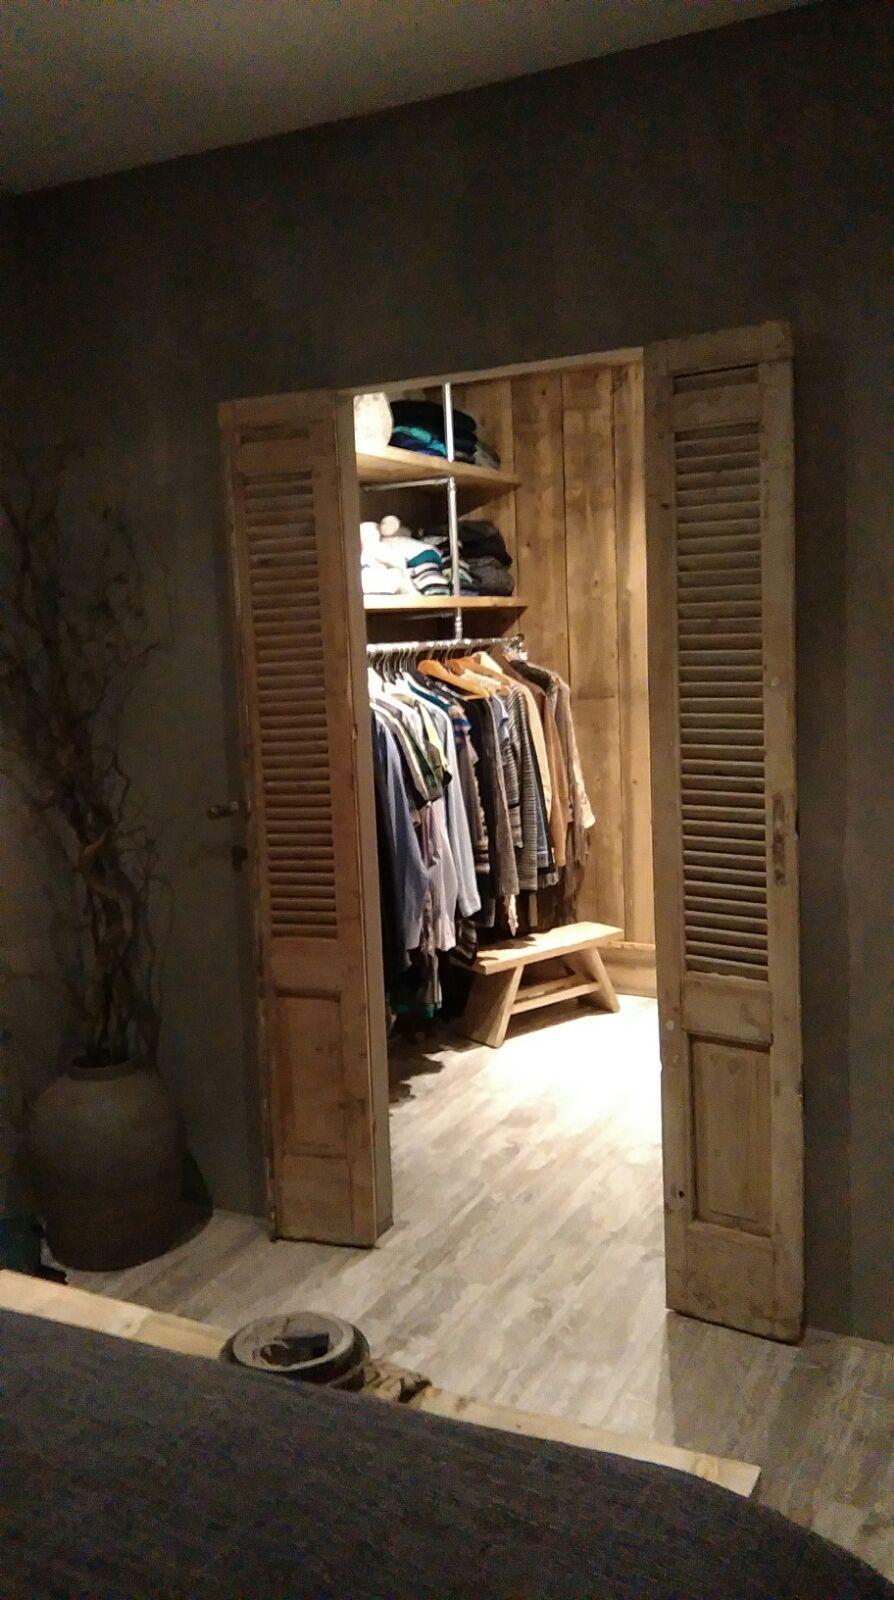 Slaapkamer inrichten landelijke stijl slaapkamer inrichten engelse stijl de laatste - Engelse stijl slaapkamer ...